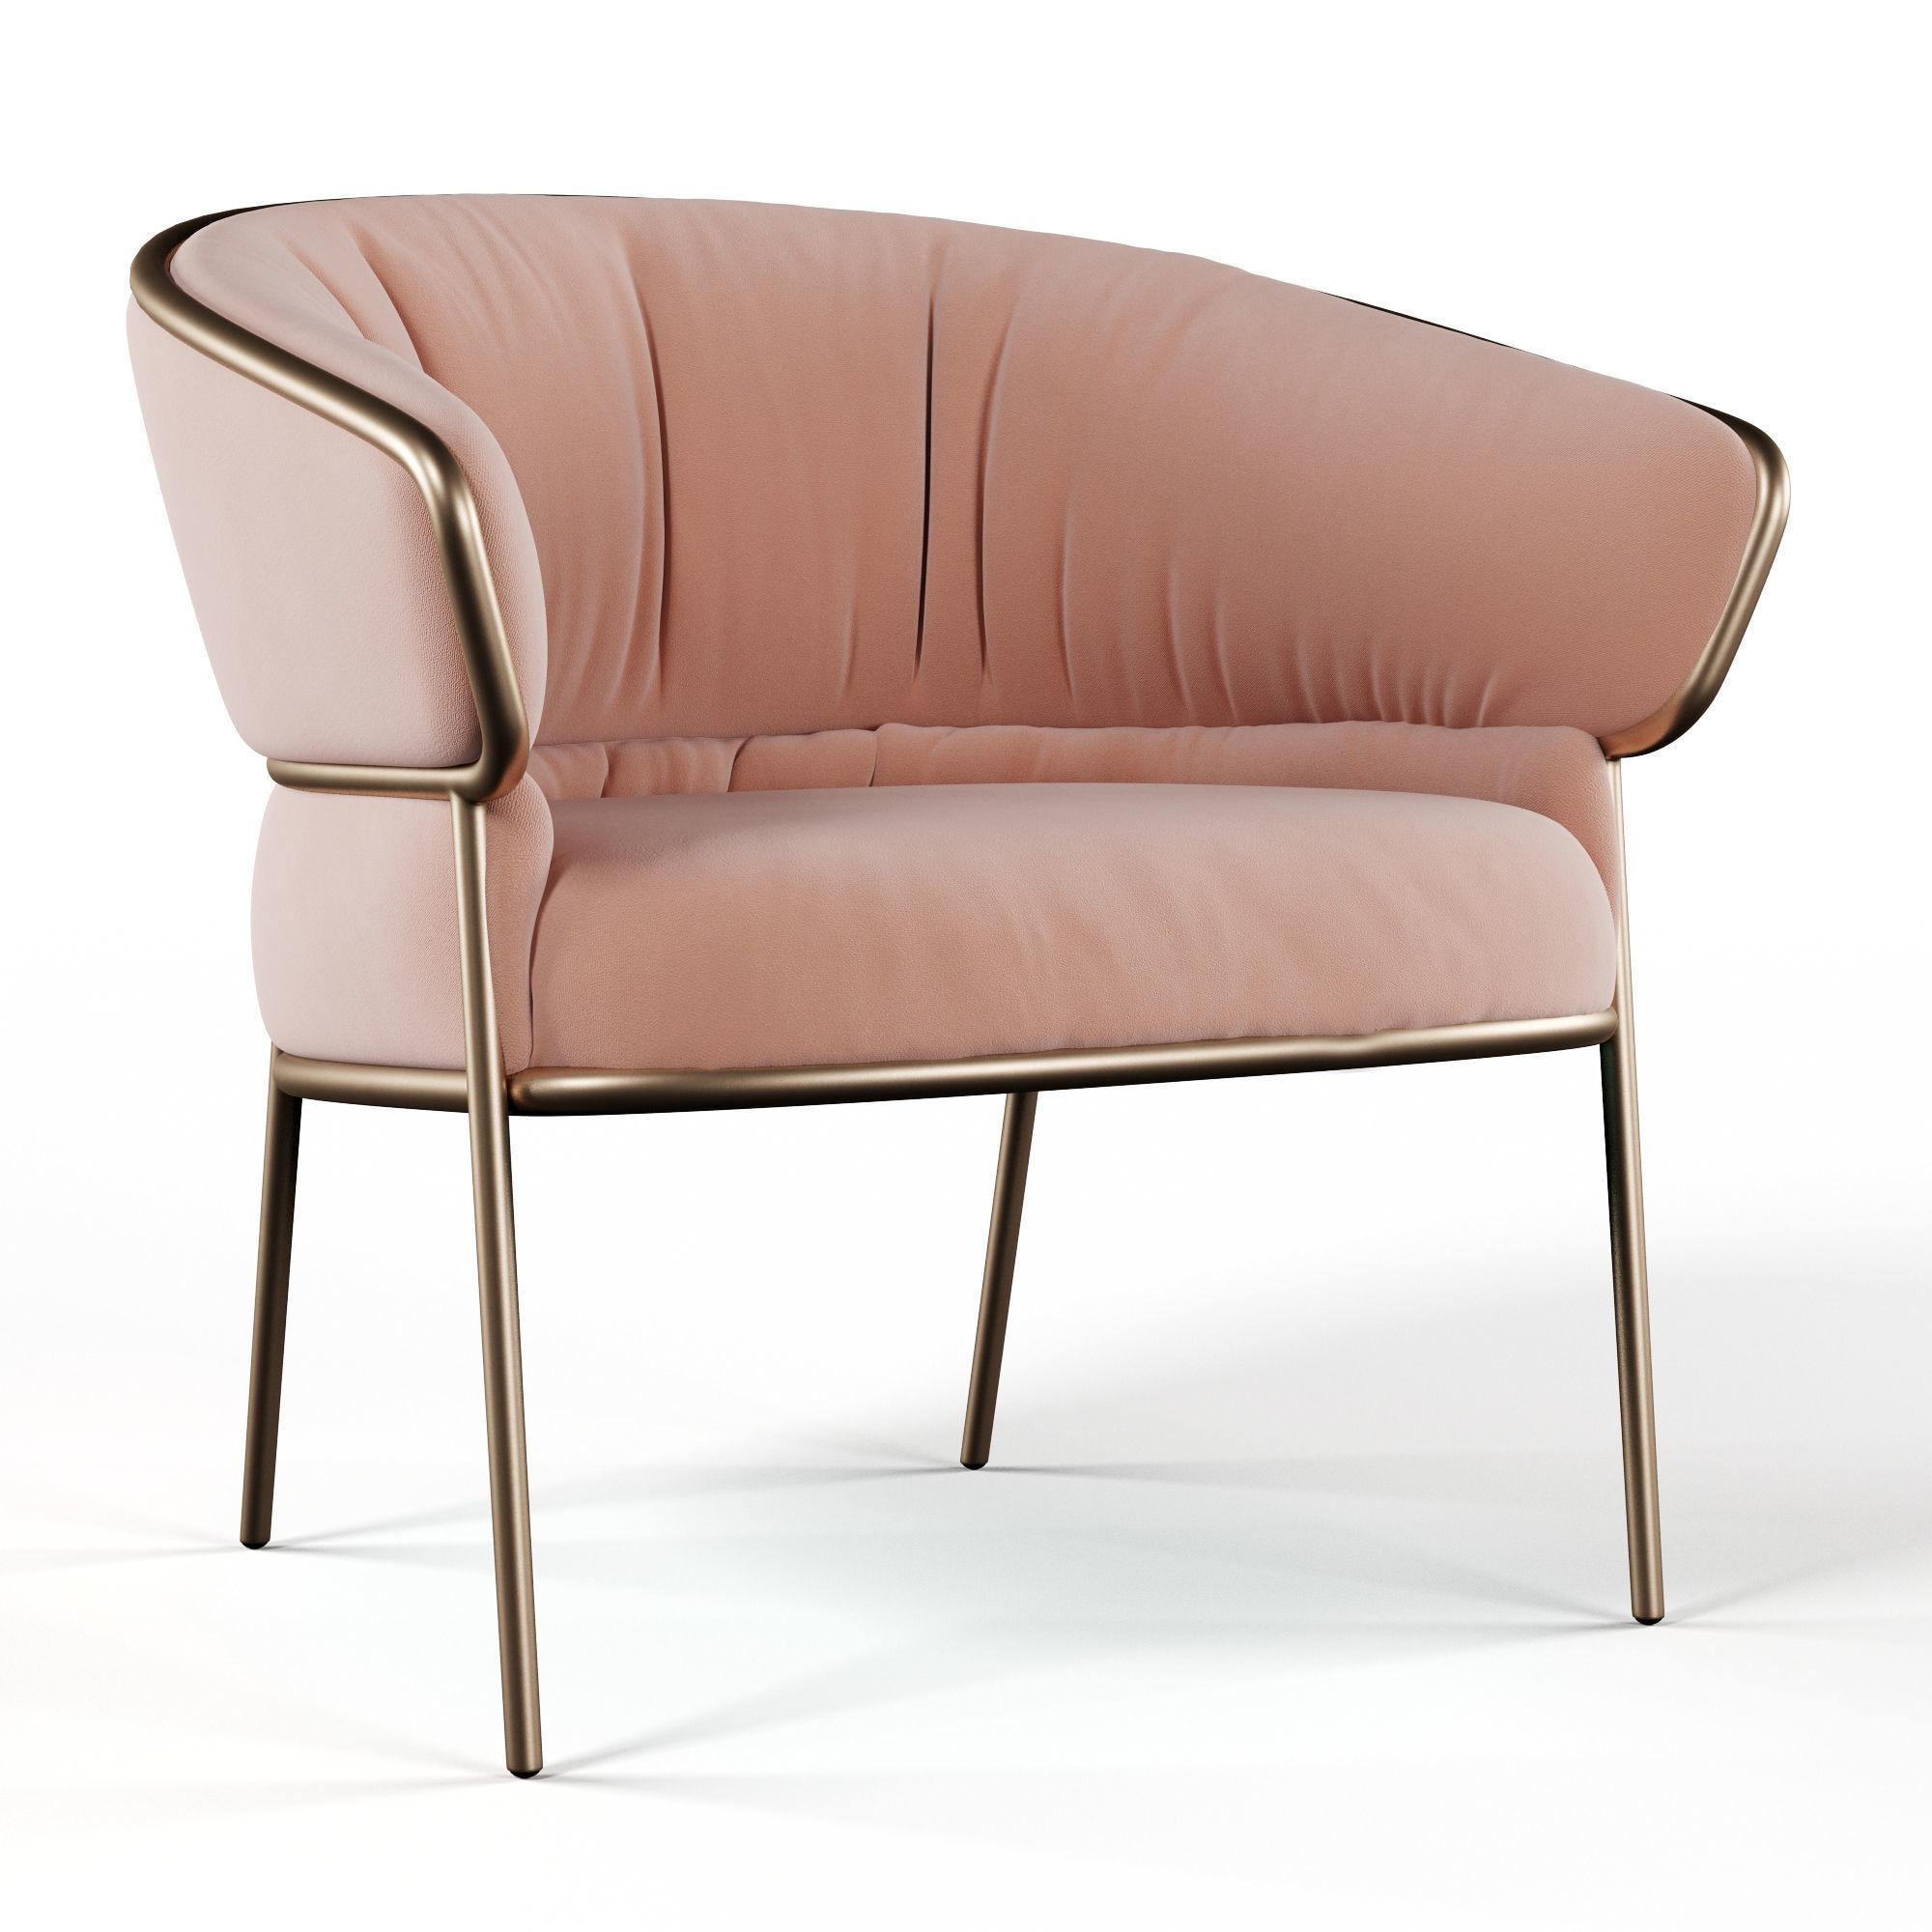 SHU-YING Fabric lounge chair